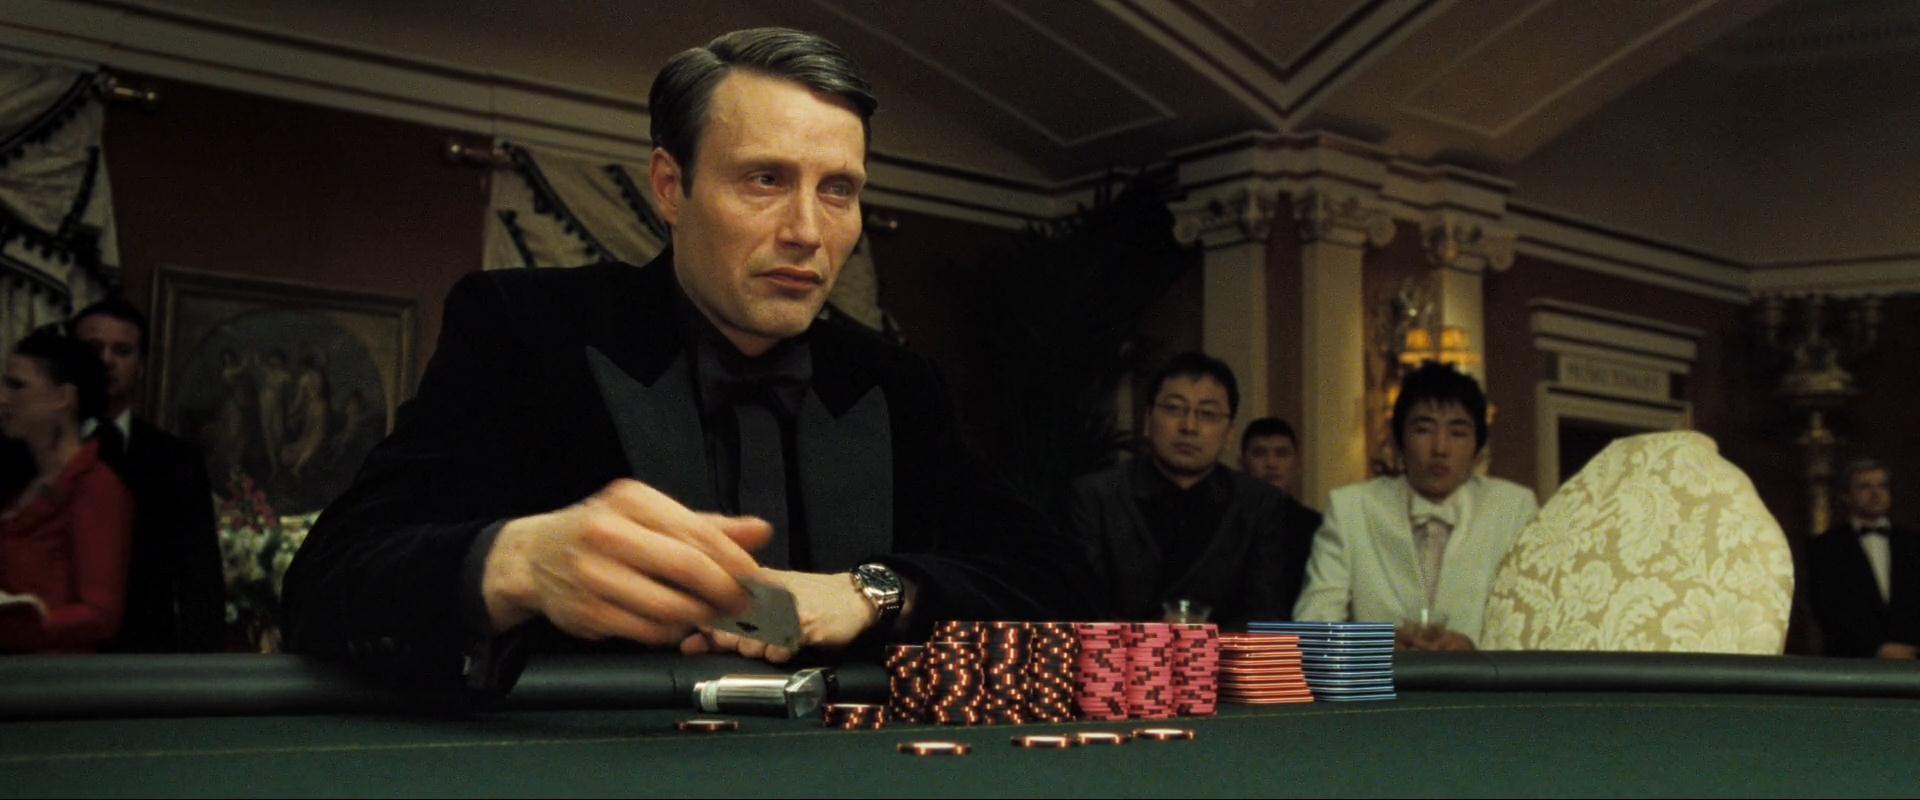 casino-27